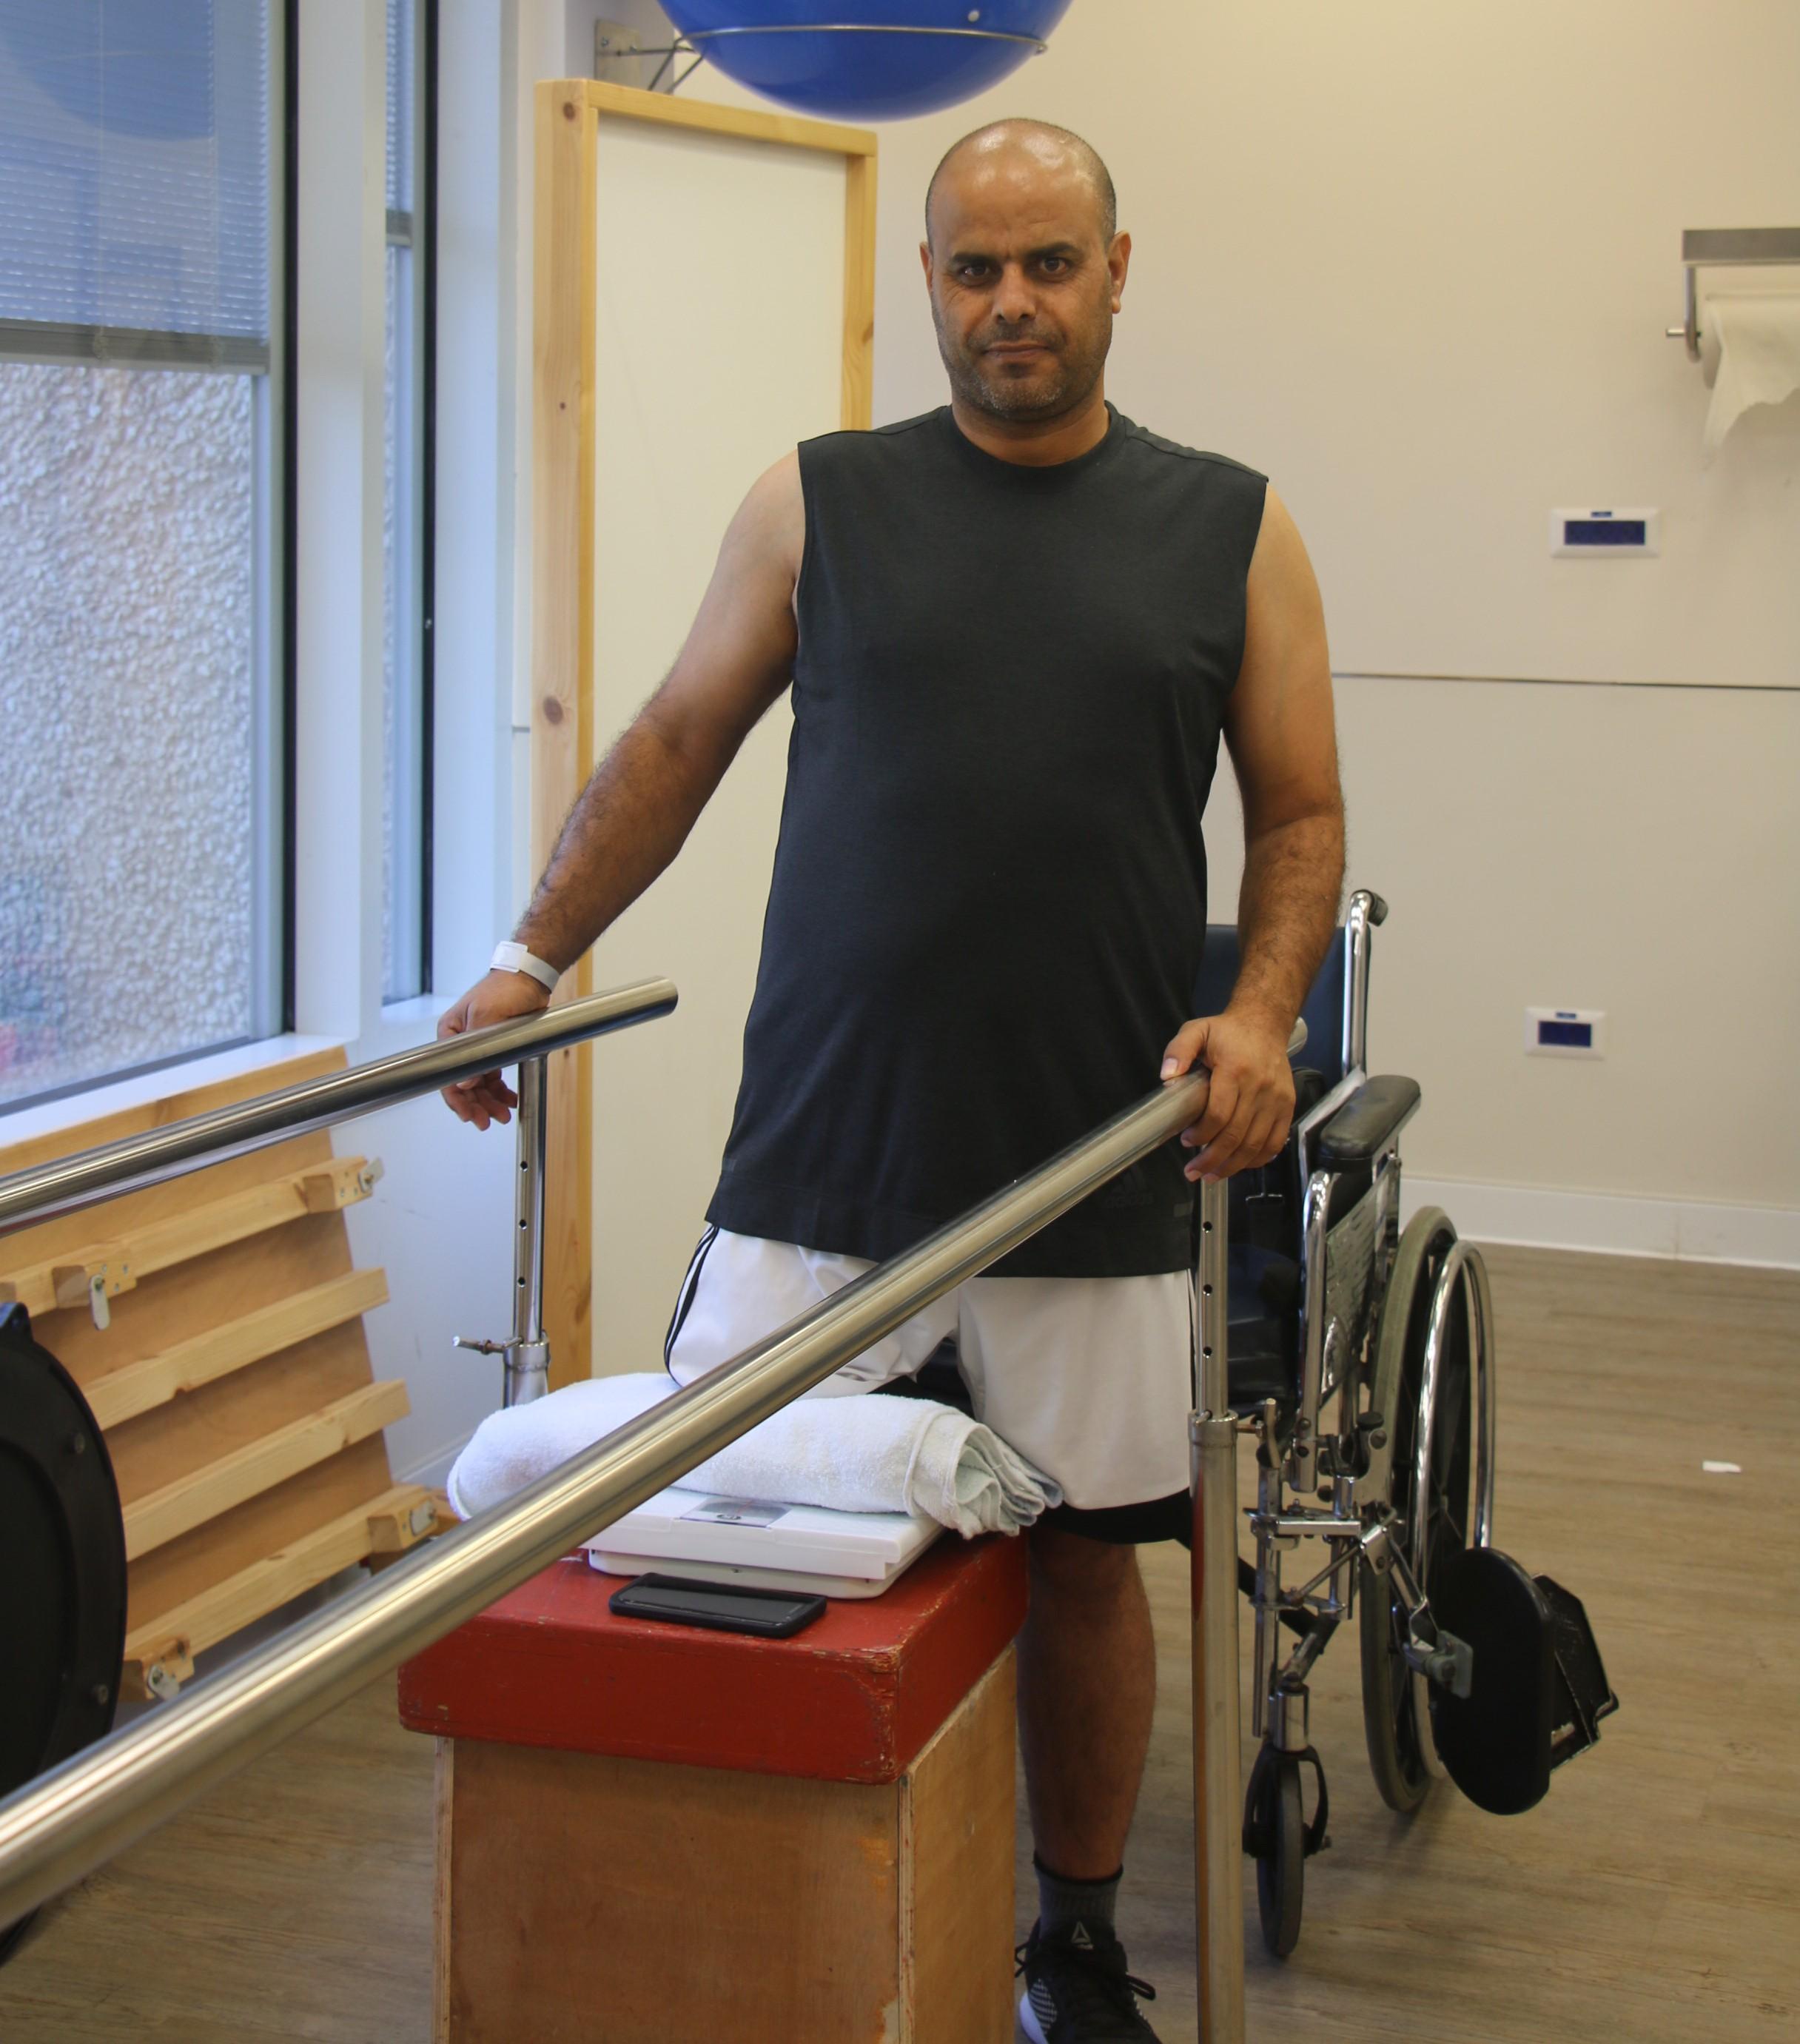 """Талеб Аламор - первый пациент с новым протезом. Фото: больница """"Левинштейн"""""""